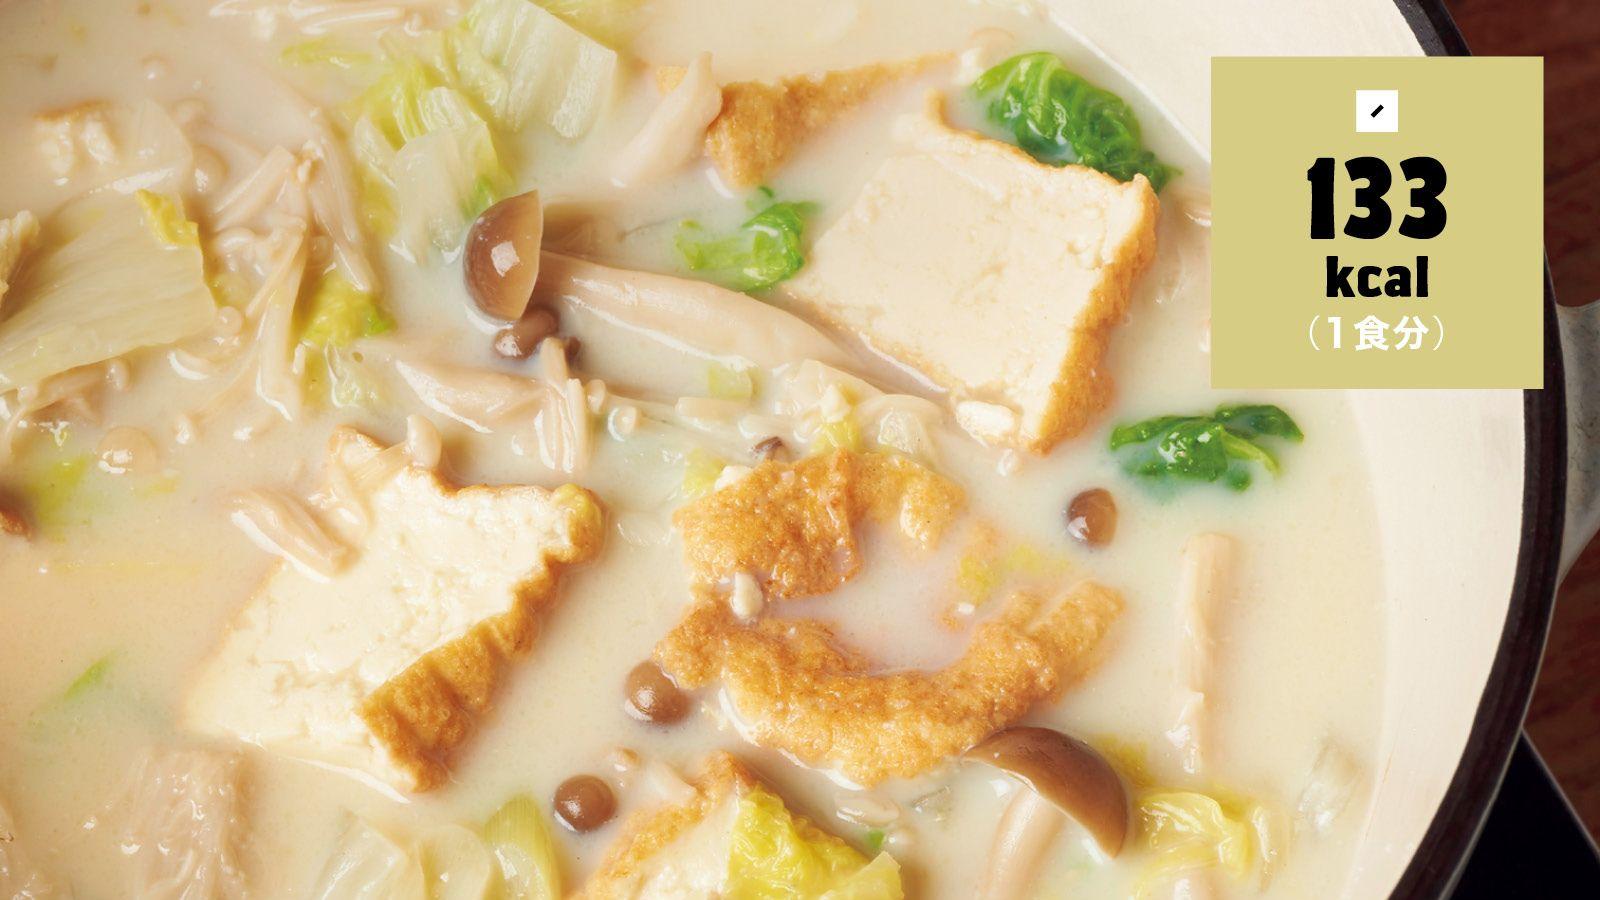 アレンジできる 作り置き 痩せるレシピ 豆乳スープ Tarzan Web ターザンウェブ Tarzan Web ターザンウェブ 痩せるレシピ レシピ 食べ物のアイデア